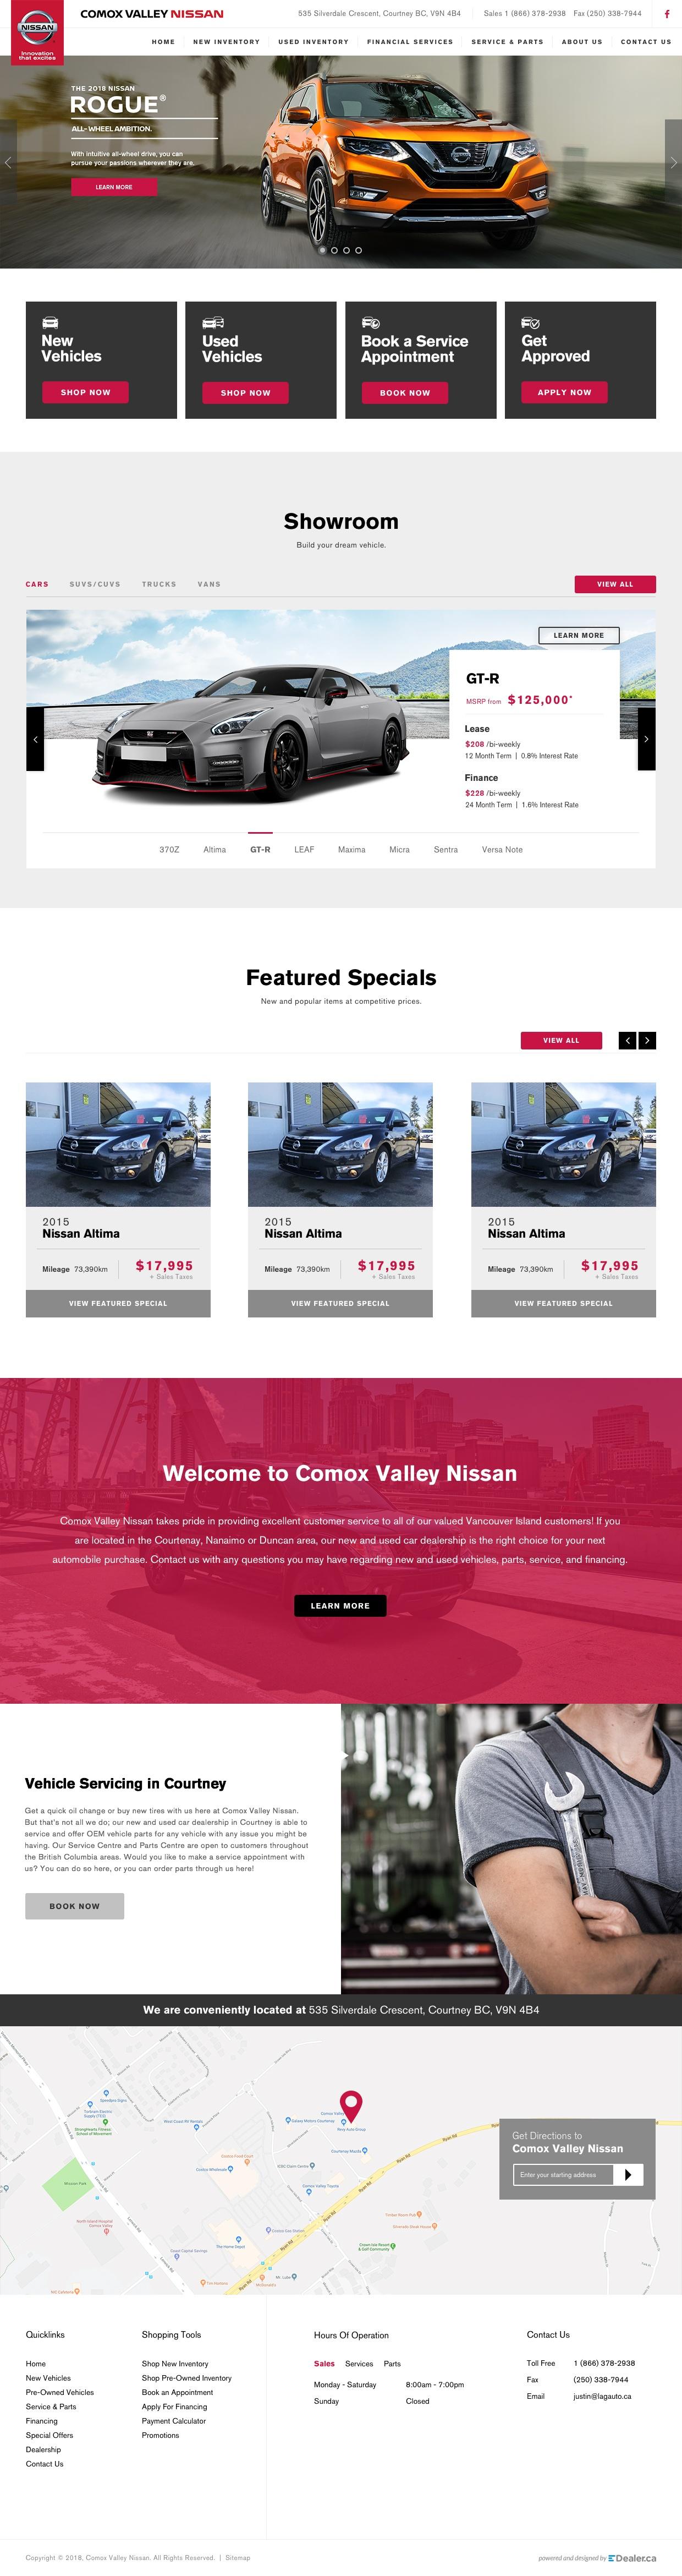 Comox Valley Nissan